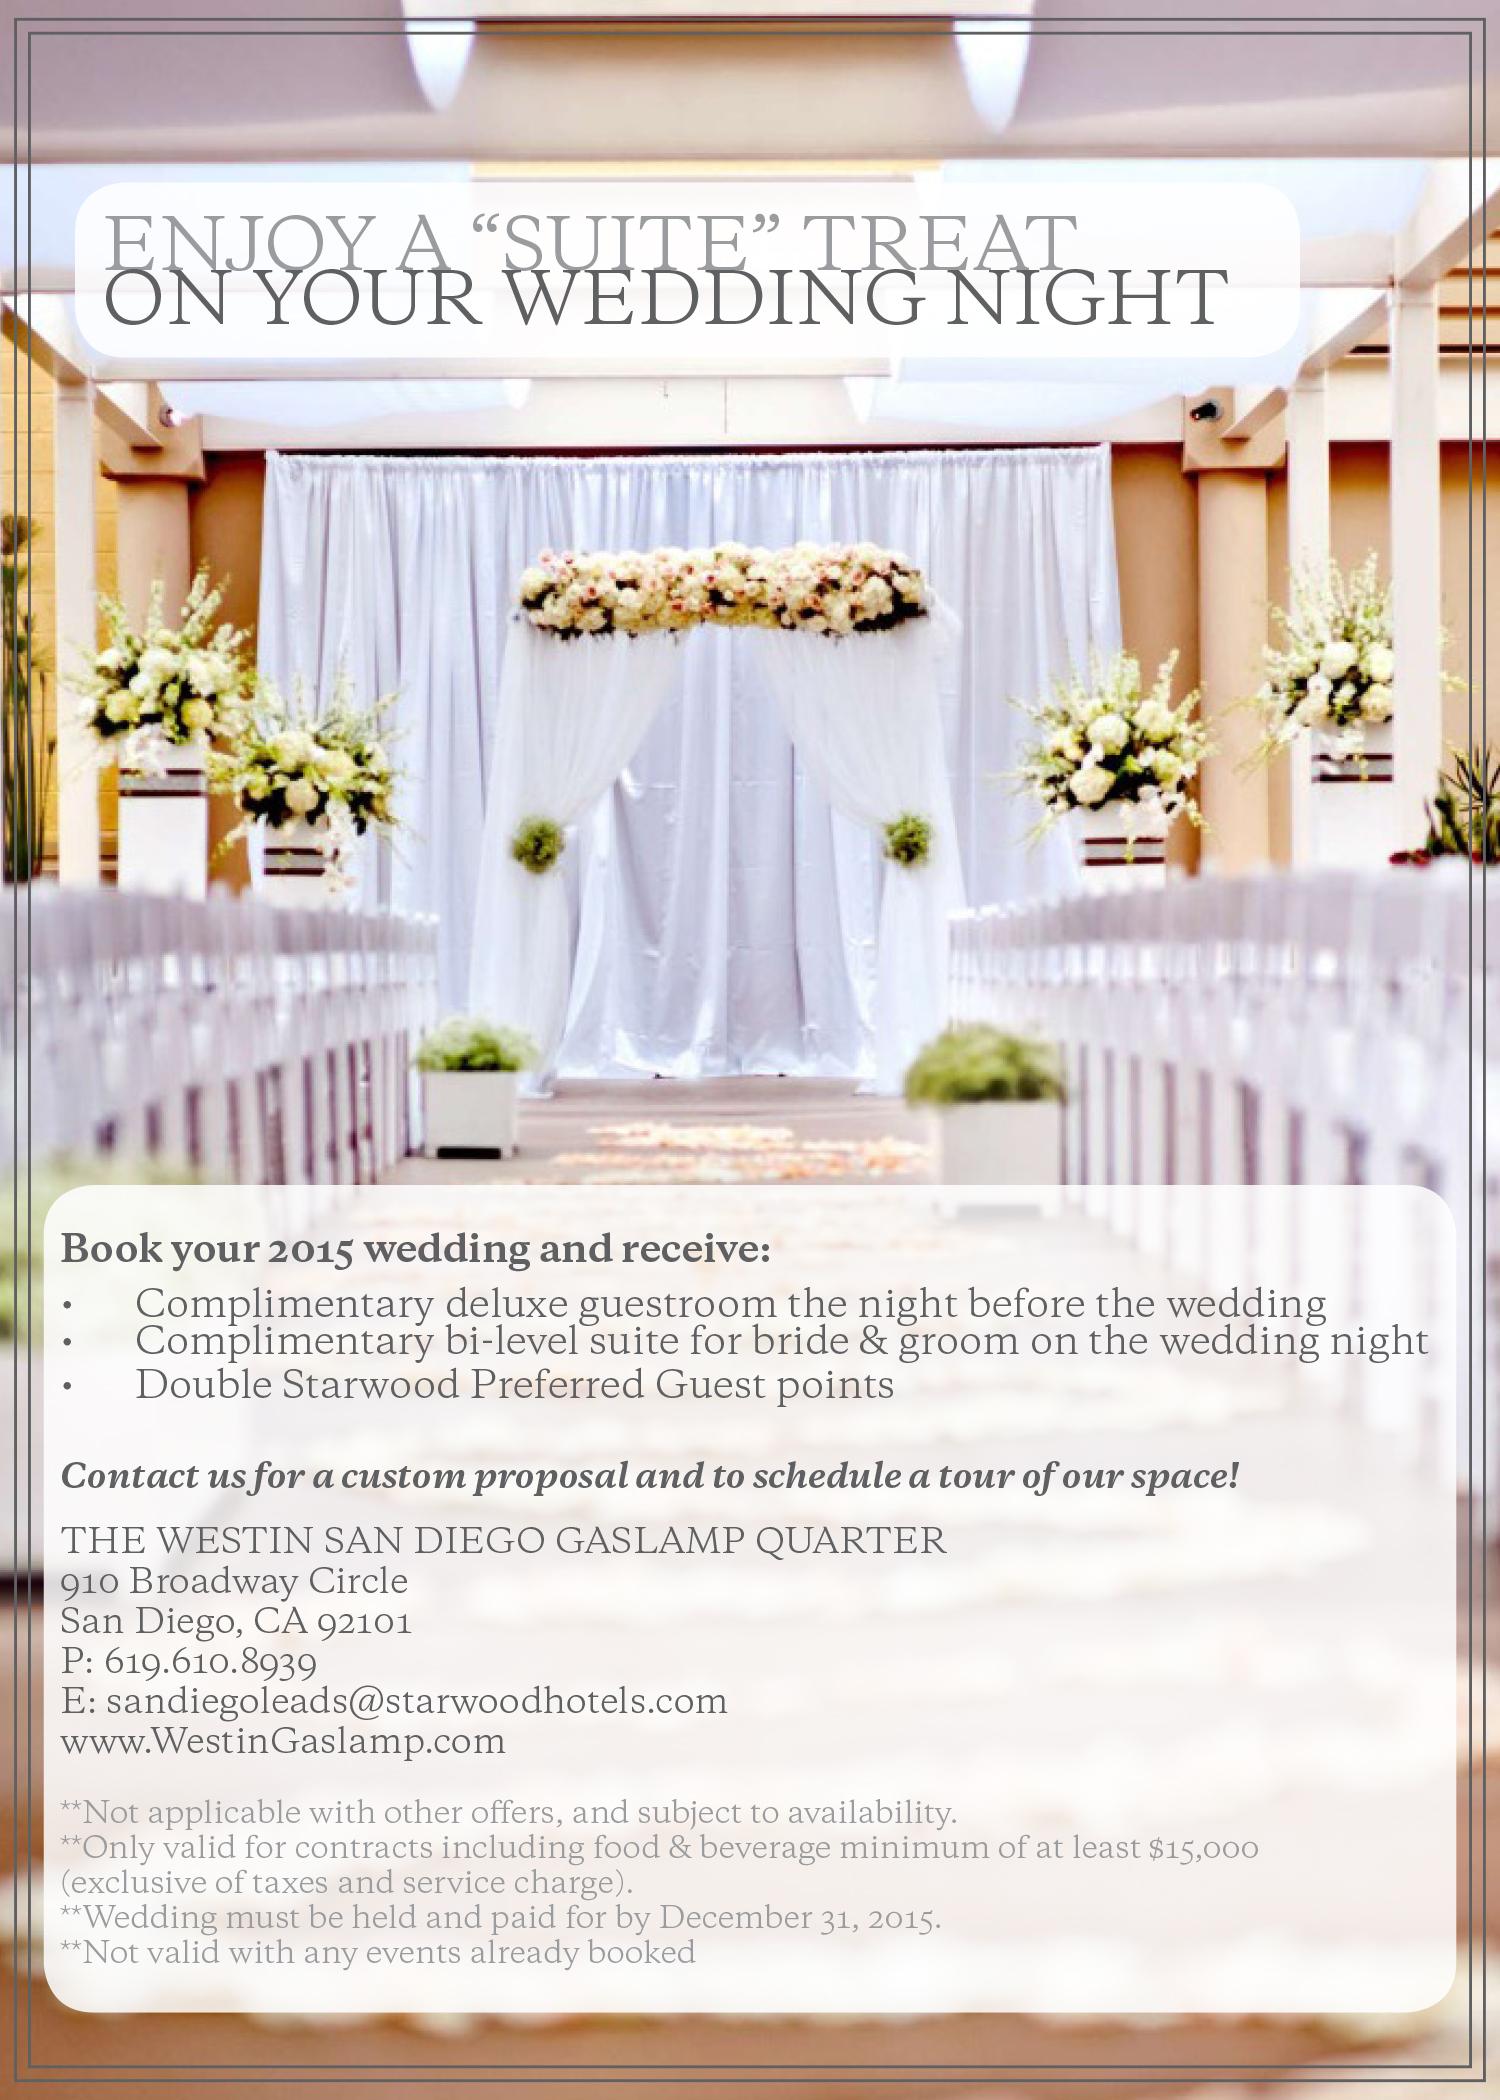 wedding deal, westin hotel, westin gaslamp